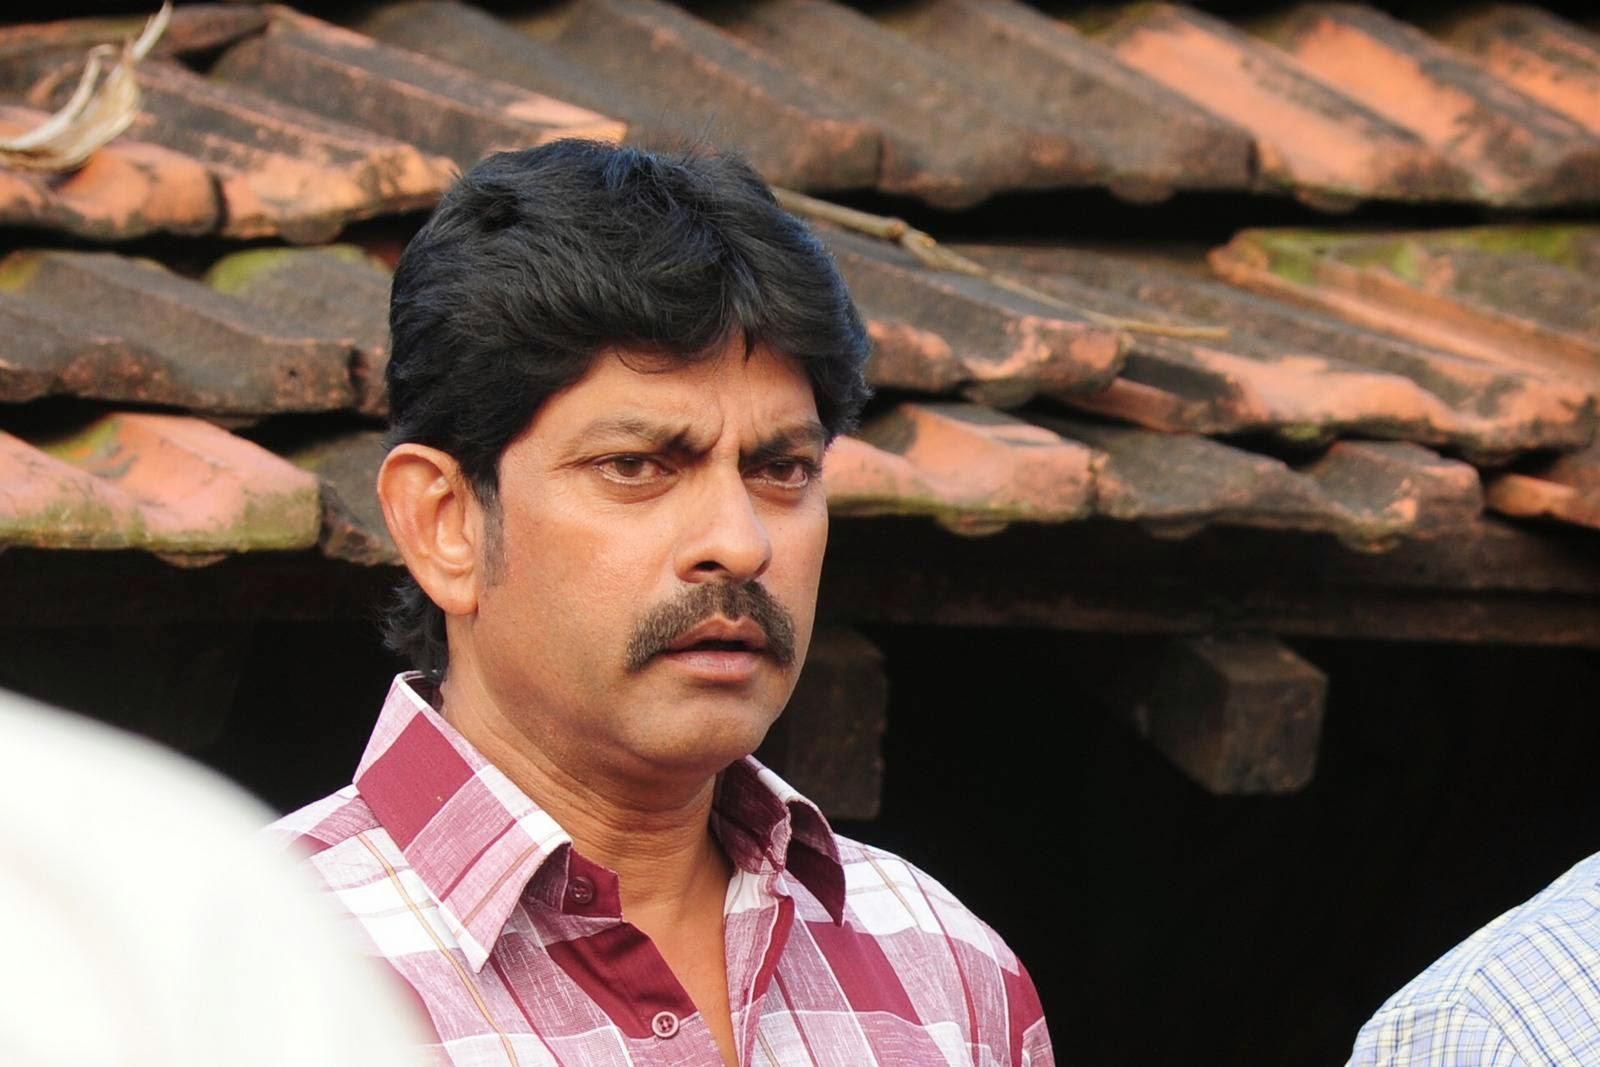 jagapathi babus hithudu movie stills